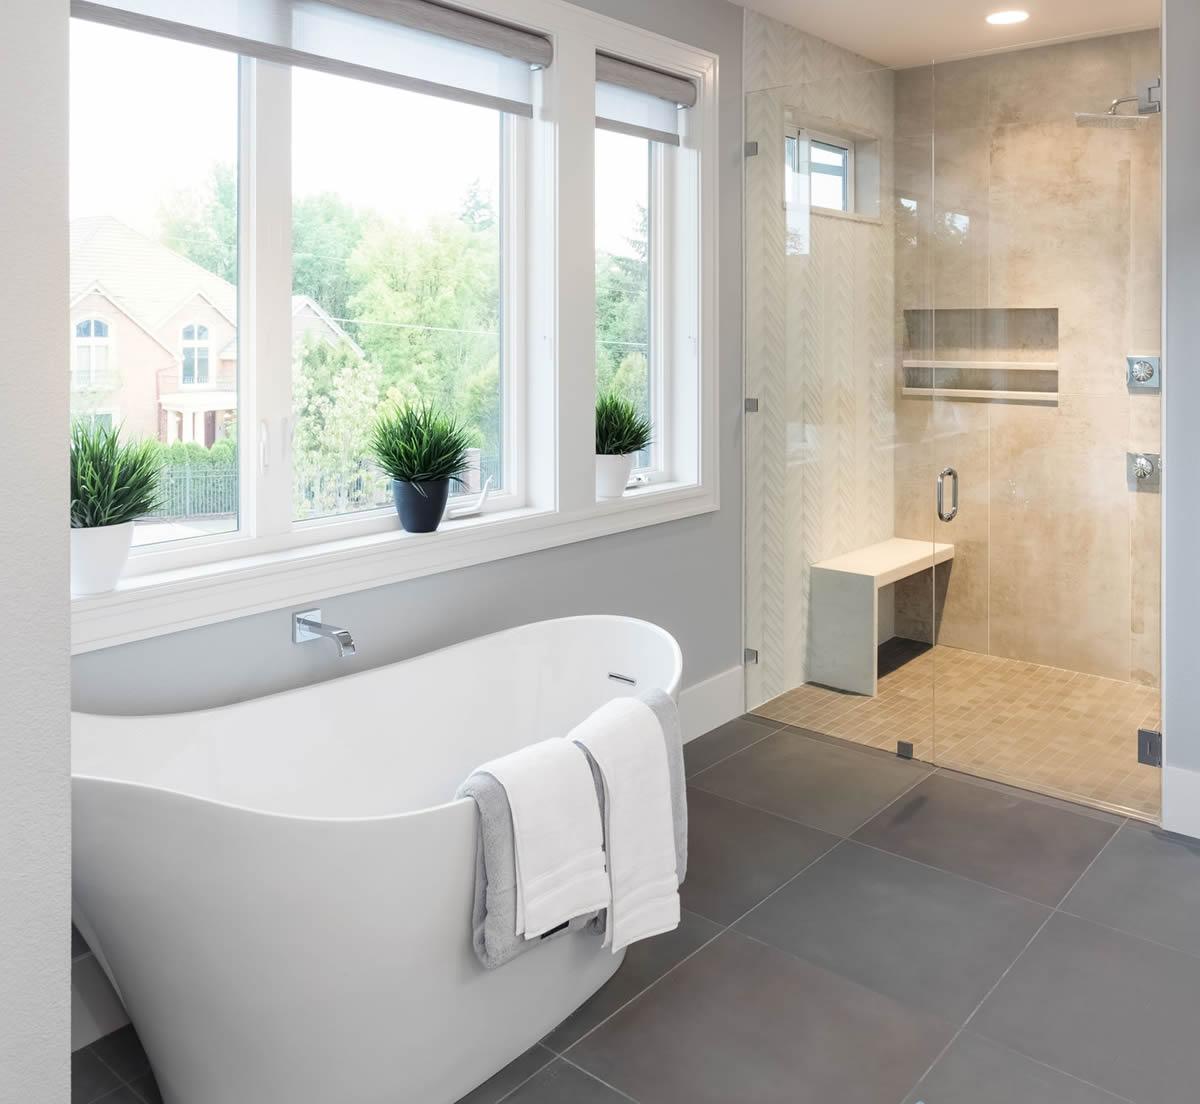 Designer Bathroom Ideas - Complete Bathrooms Toowoomba